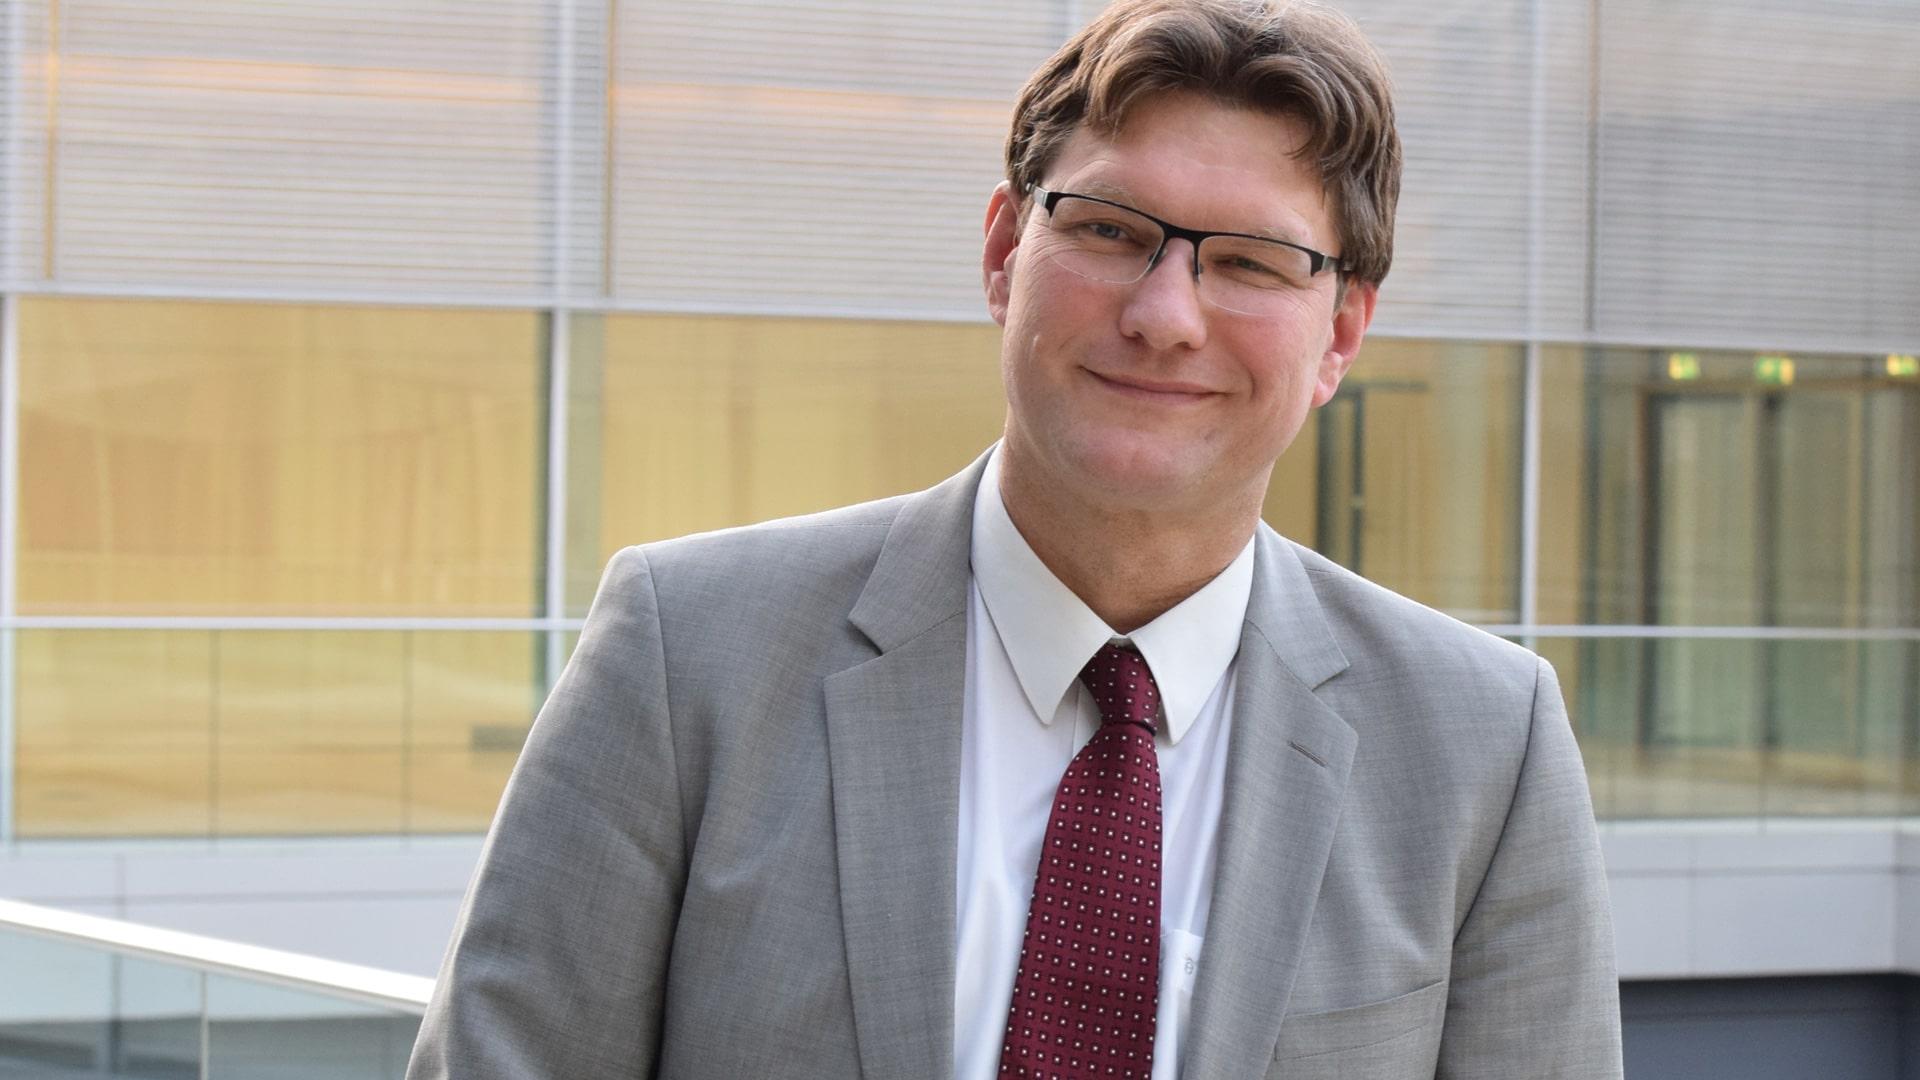 Uwe Heimowski ist Beauftragter der Deutschen Evangelischen Allianz am Sitz des Deutschen Bundestages und der Bundesregierung. Zudem gehört er dem Vorstand der Christlichen Medieninitiative pro an.